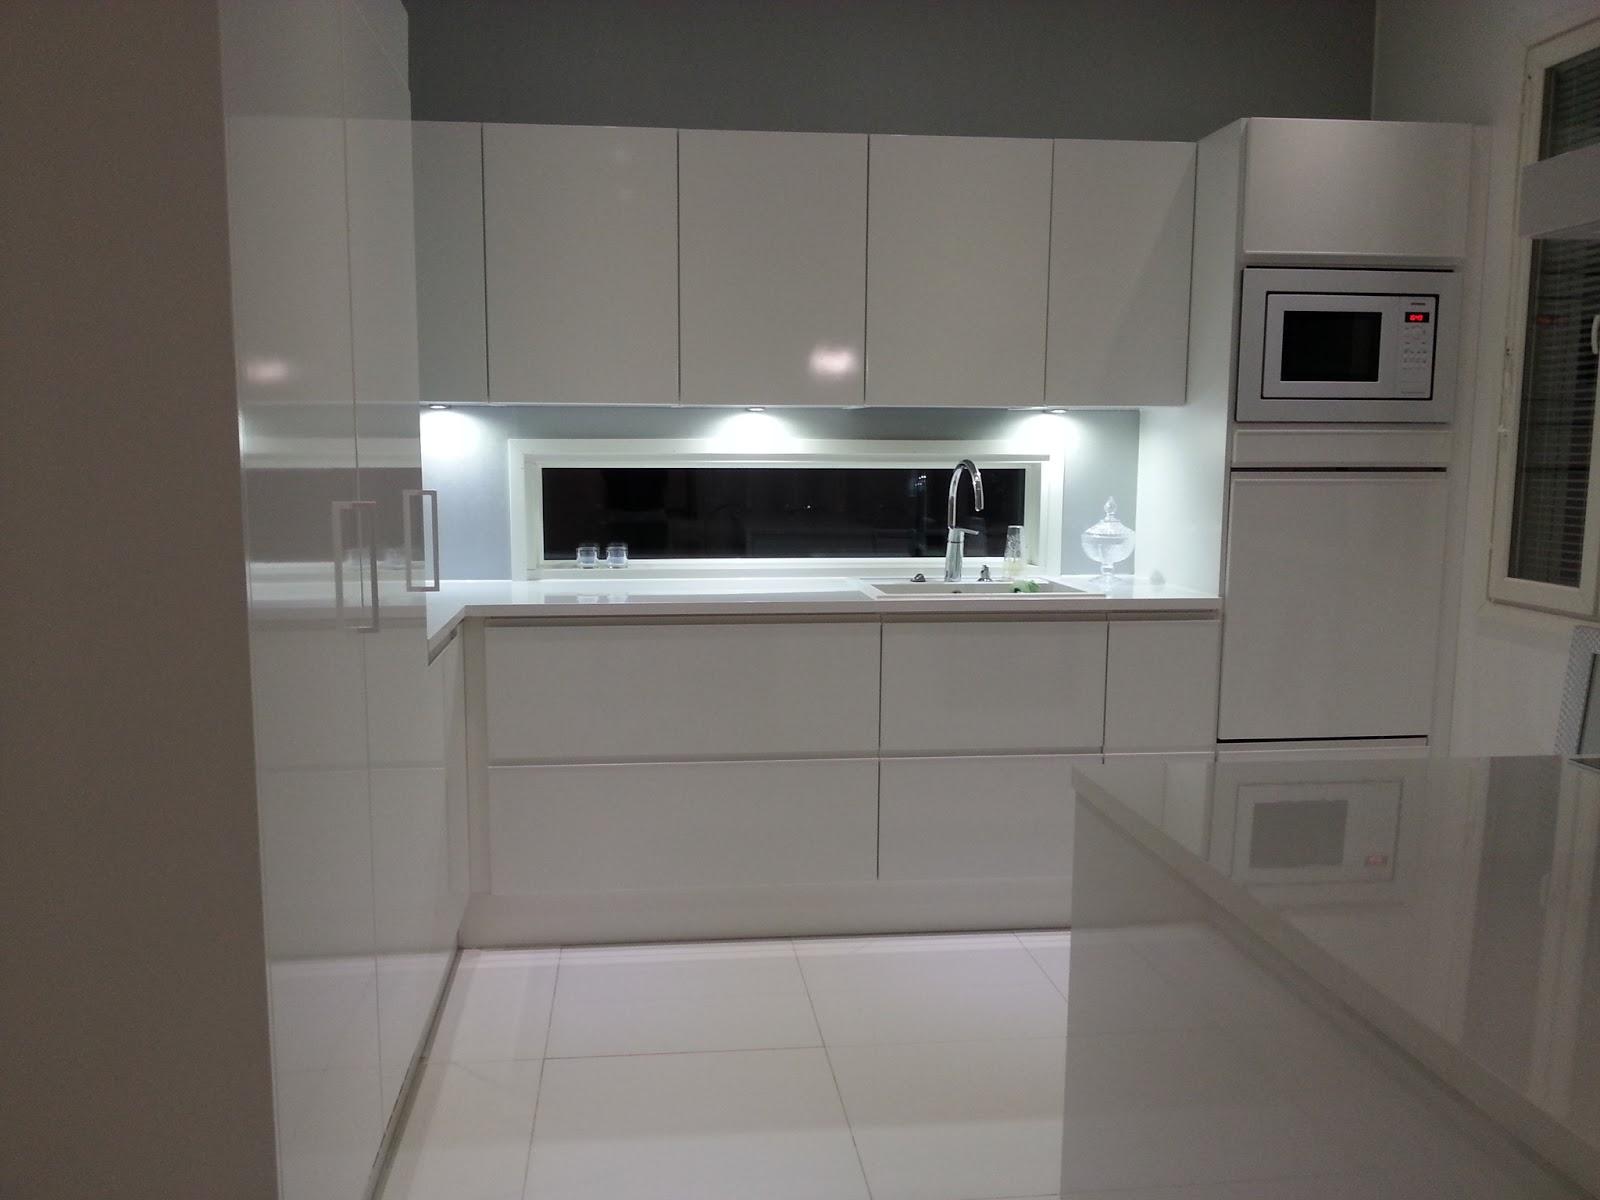 valkoinen valaisin keittiöön